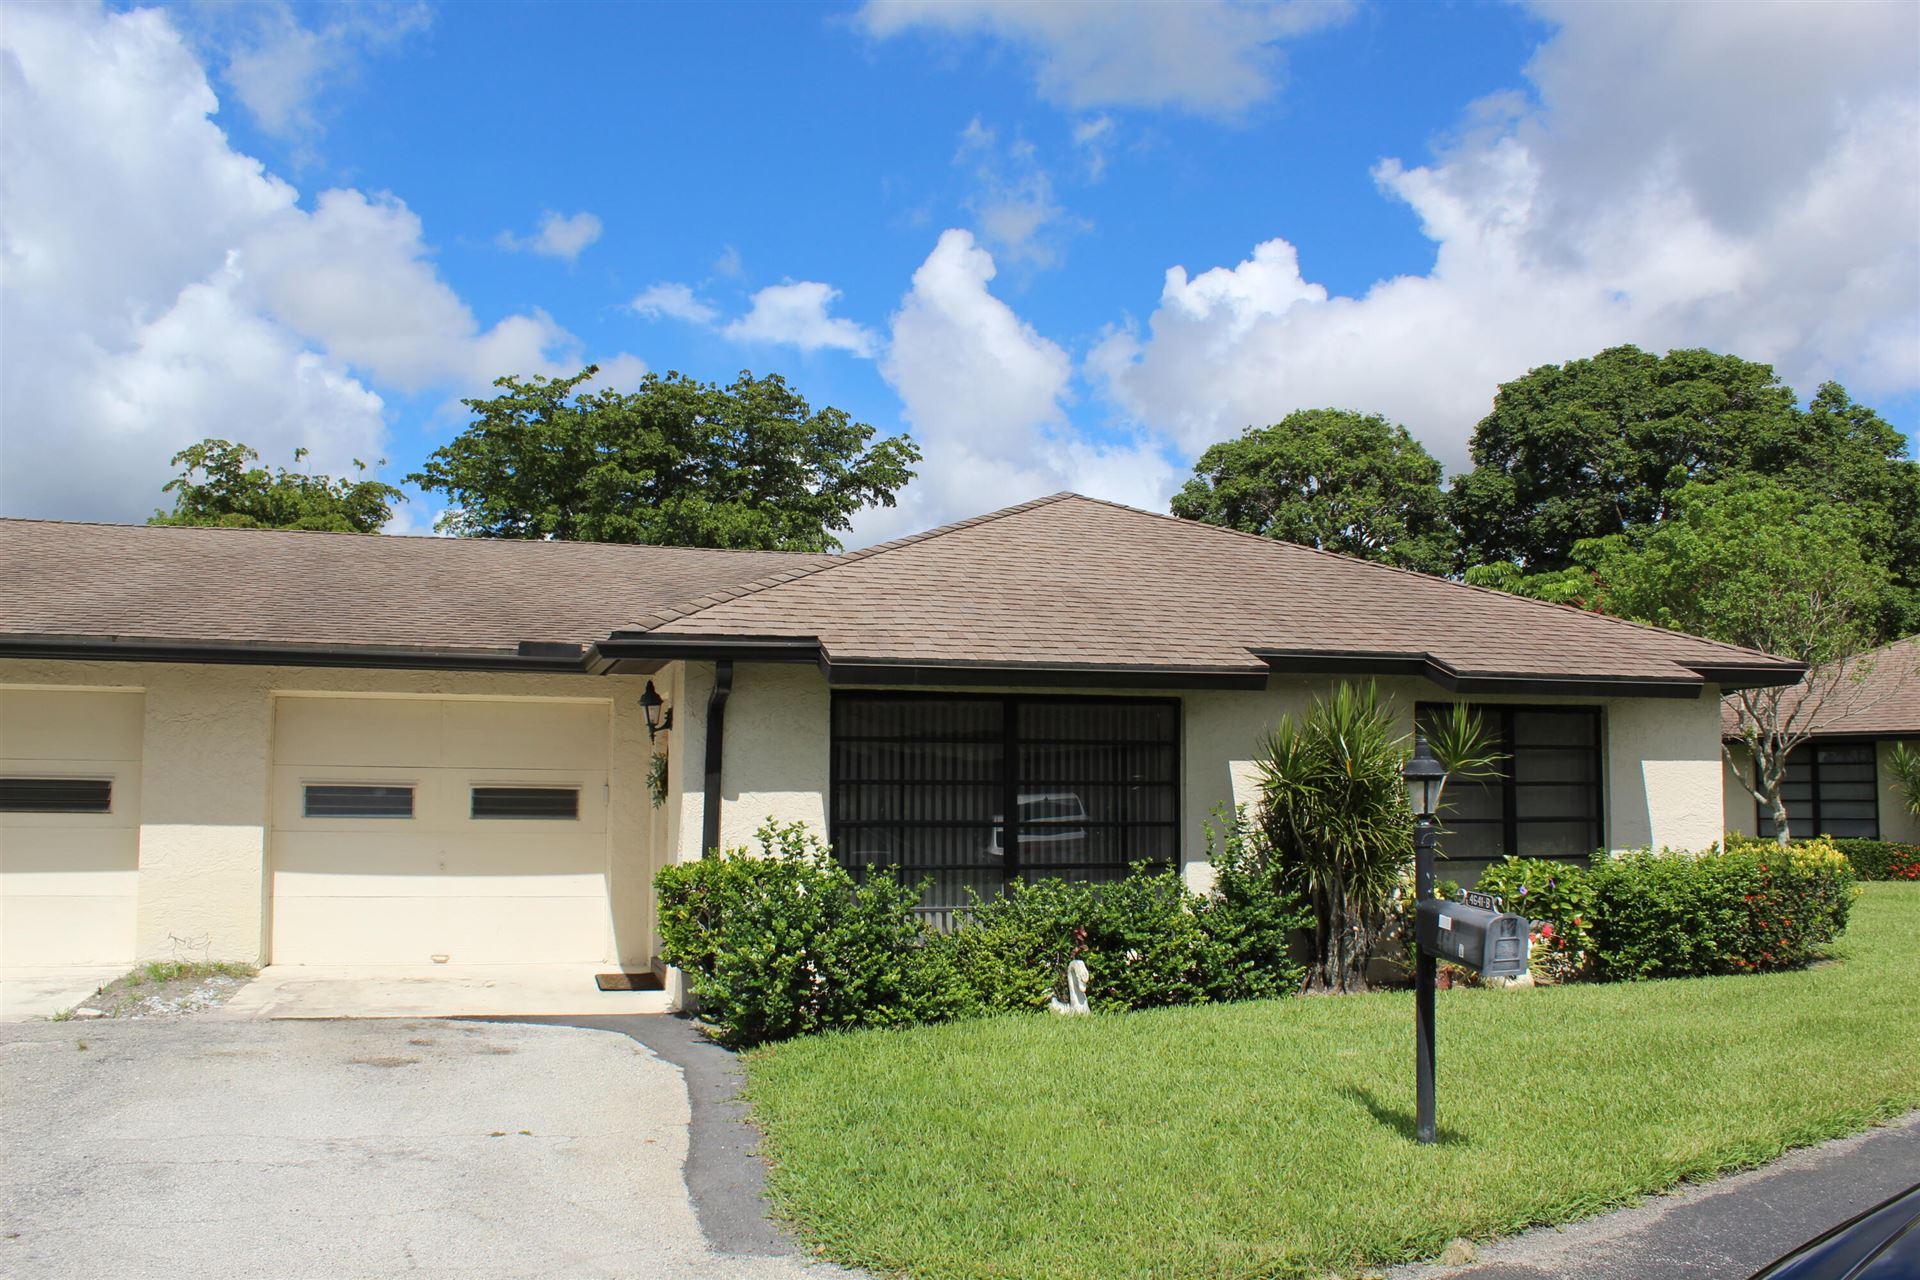 4641 Finchwood Way #B, Boynton Beach, FL 33436 - MLS#: RX-10728417